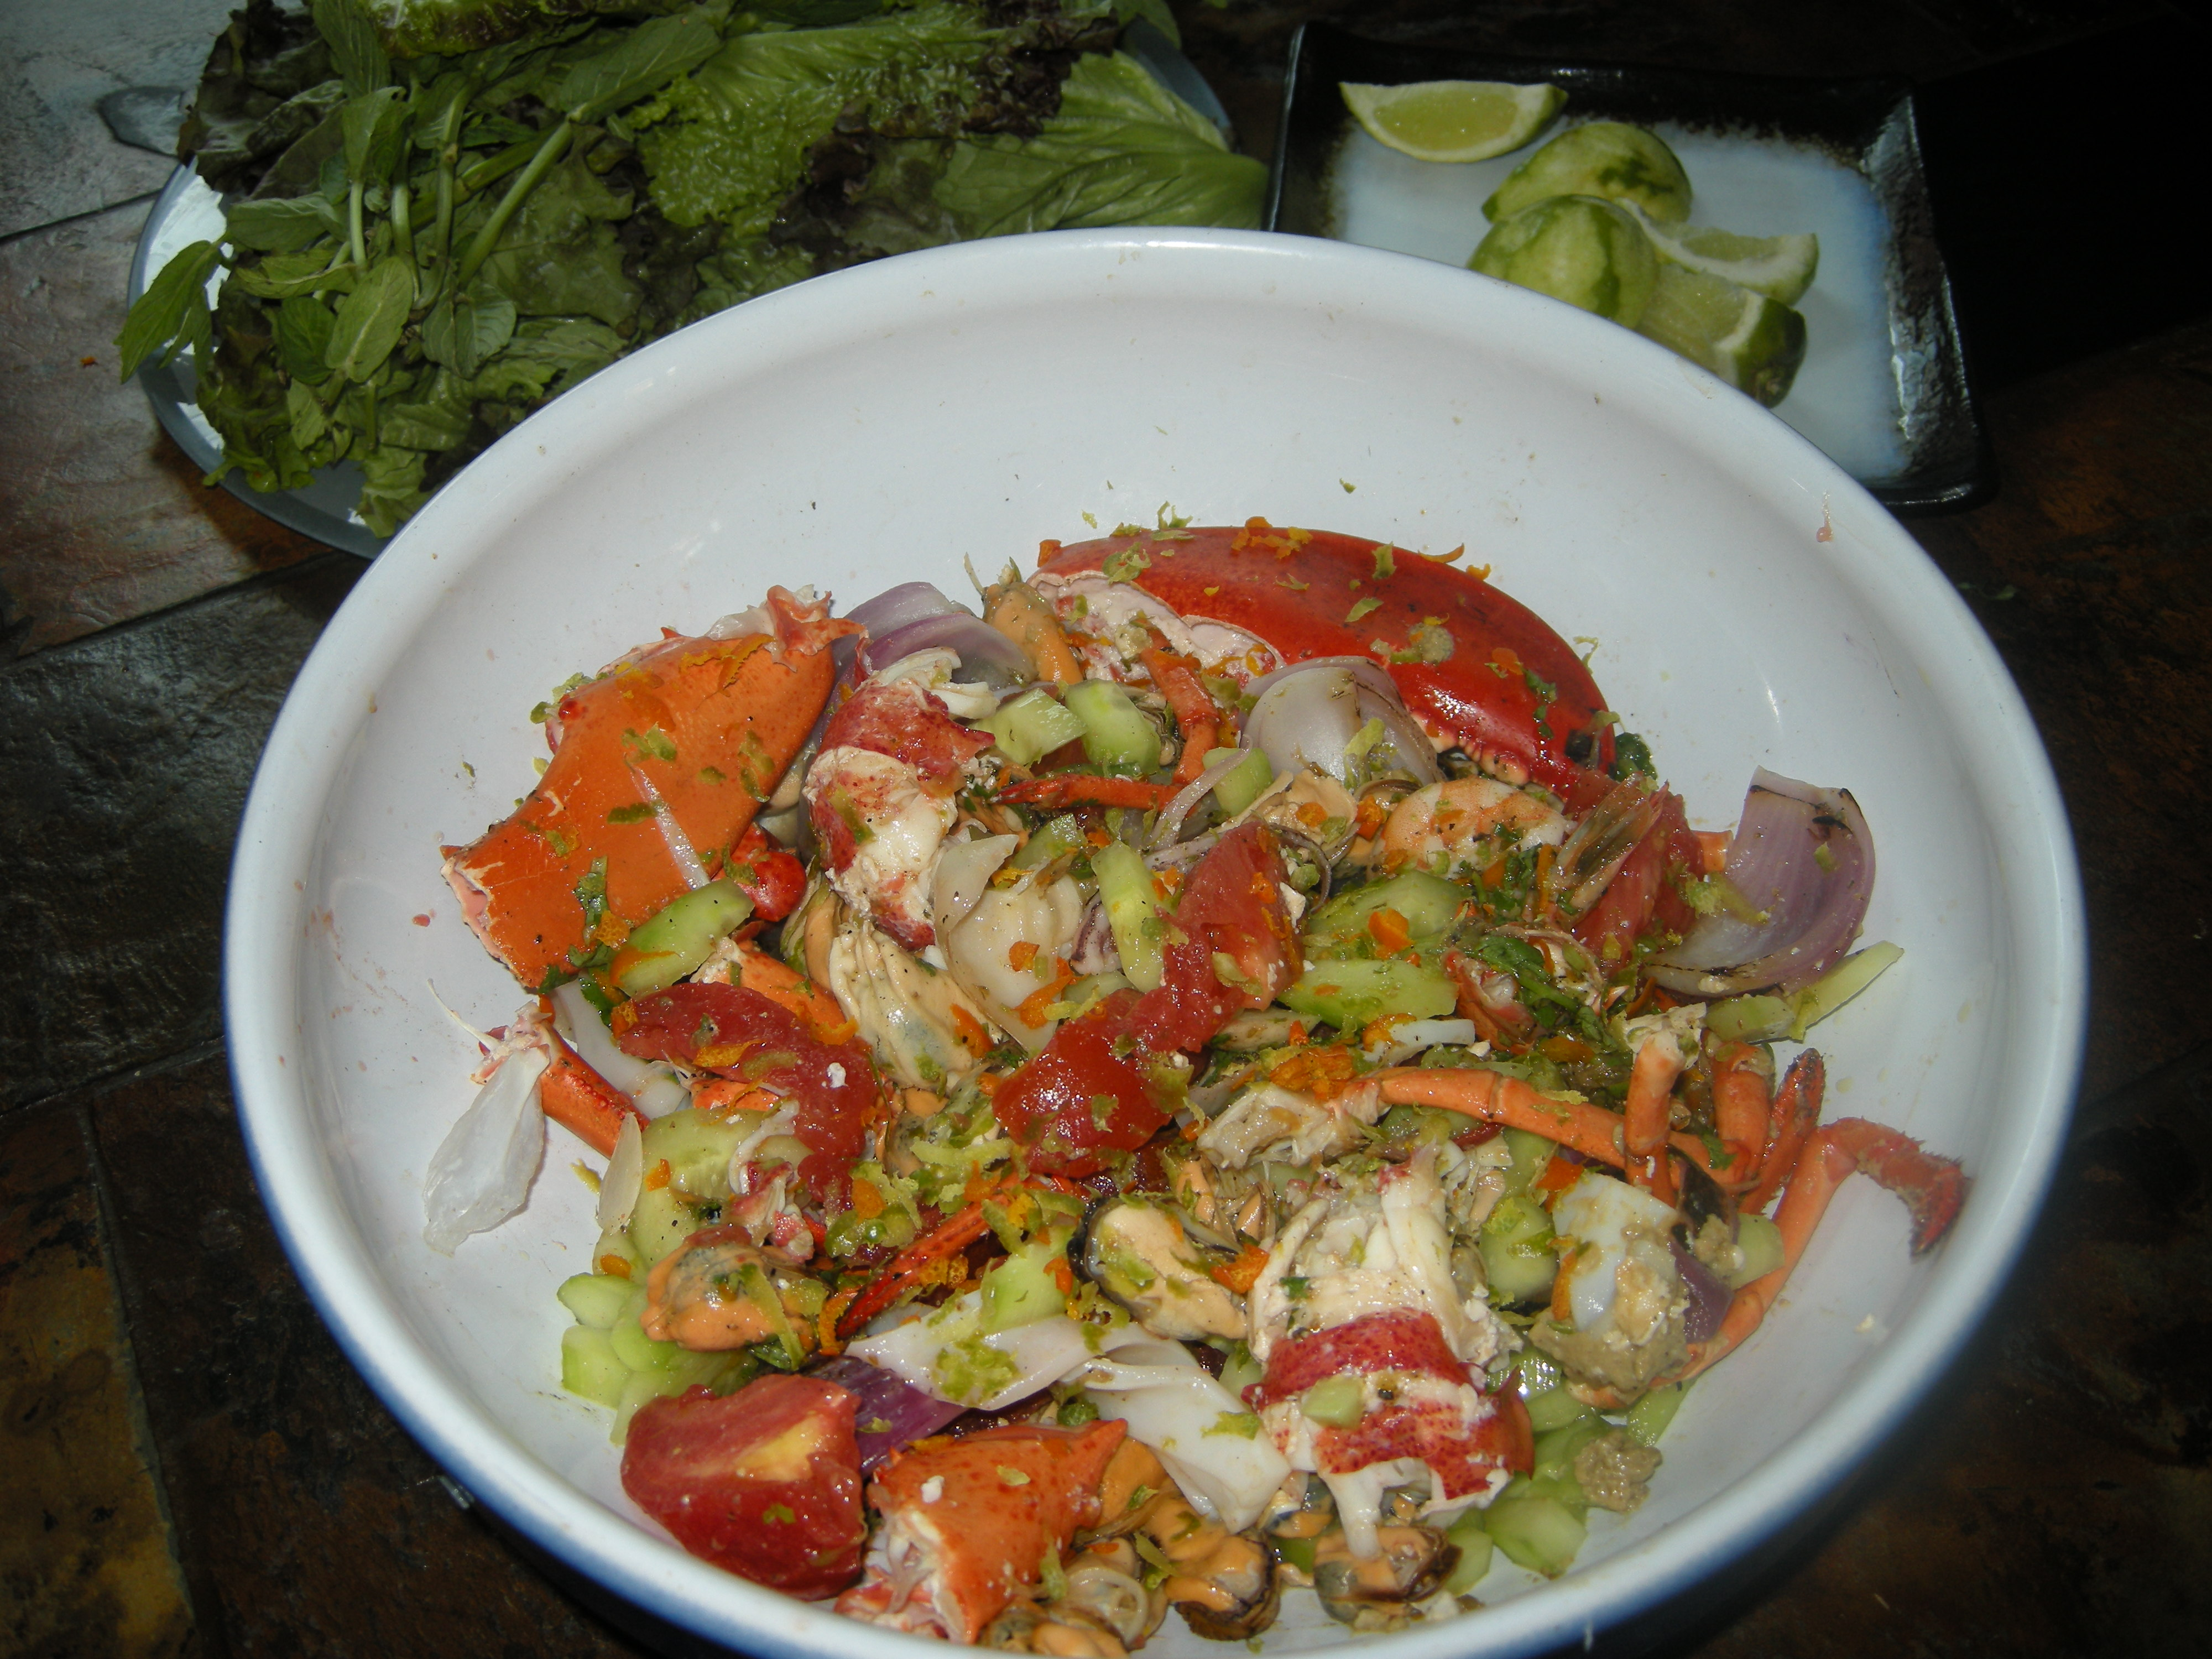 Salade et hors d oeuvre cuisine mexique for Hors d oeuvre avec saumon fume